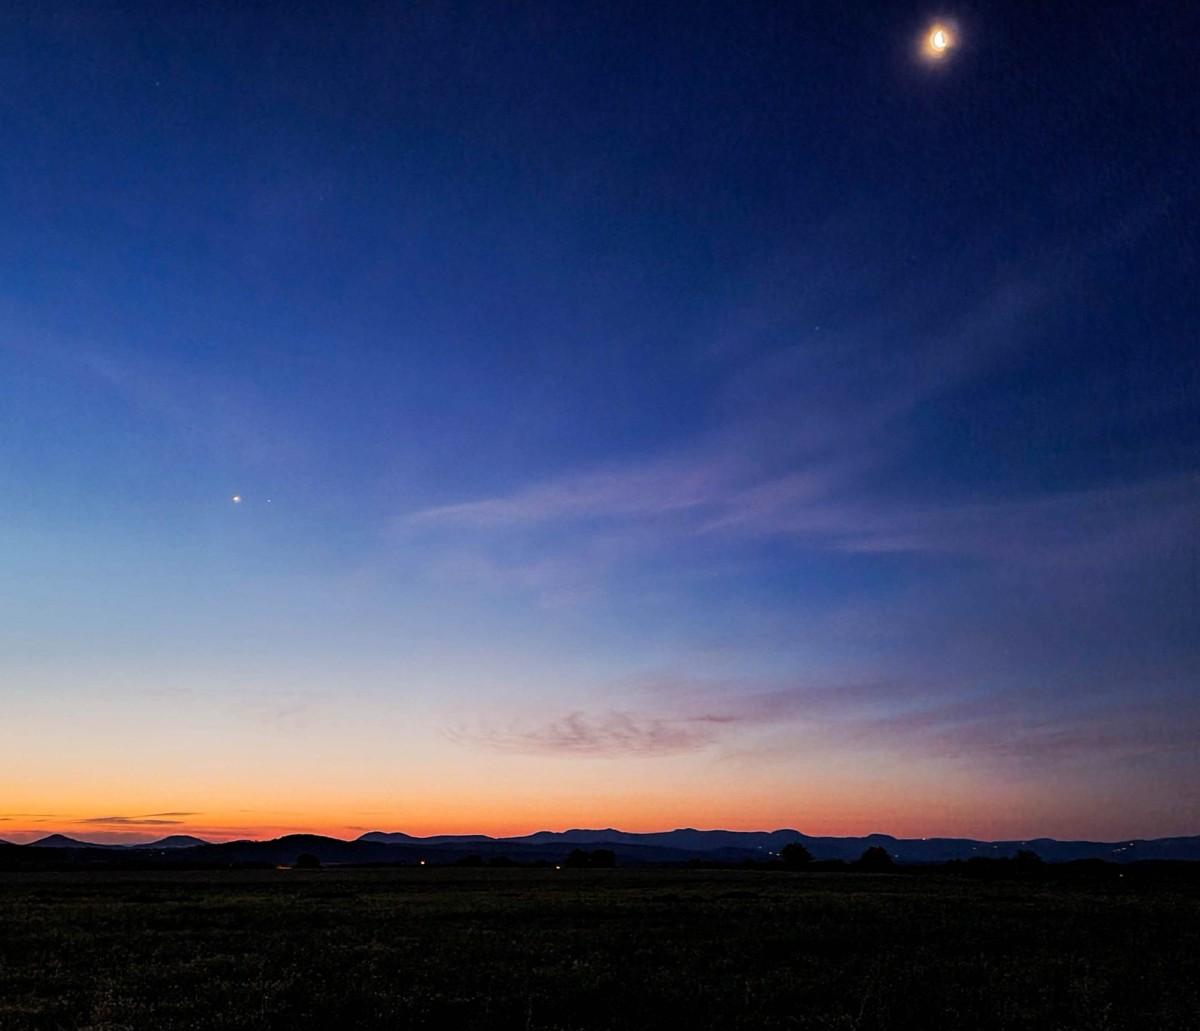 L'heure bleue avant l'aube. Photo prise au GalaxyS20+, avec le mode pro.